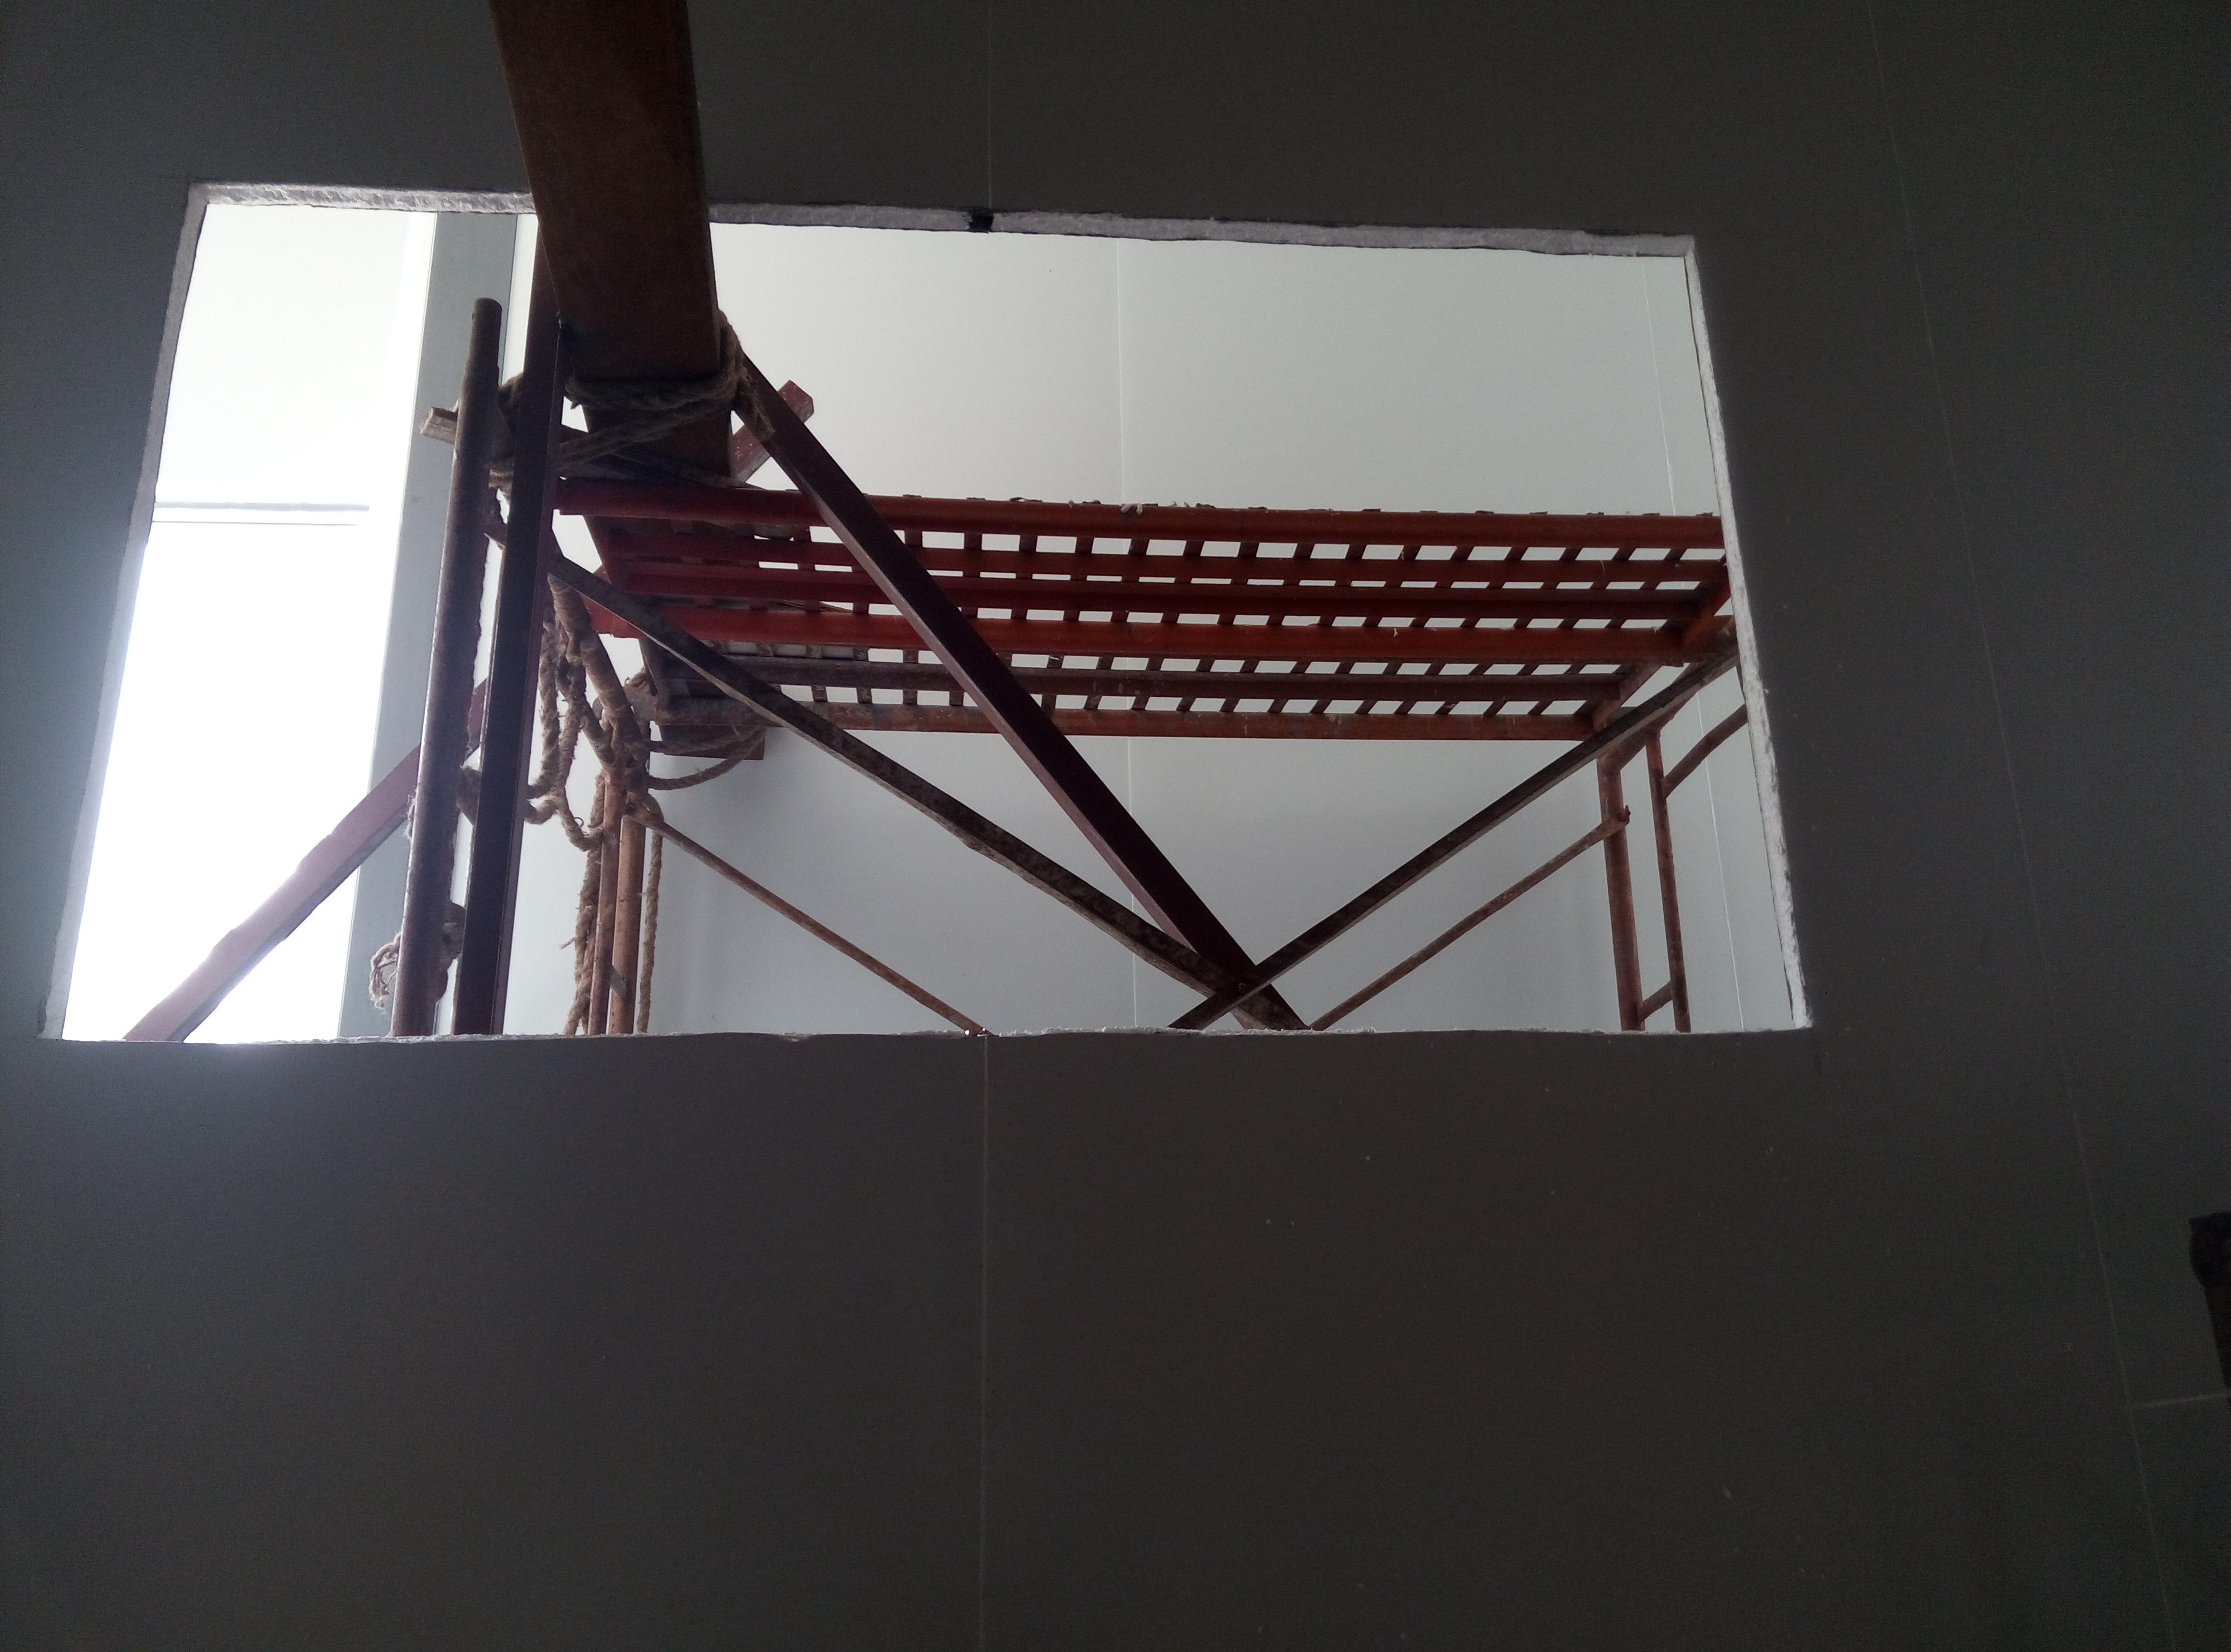 低價承接東莞鋼結構倉庫安裝工程 鋼結構鐵皮棚裝修 廠價材料